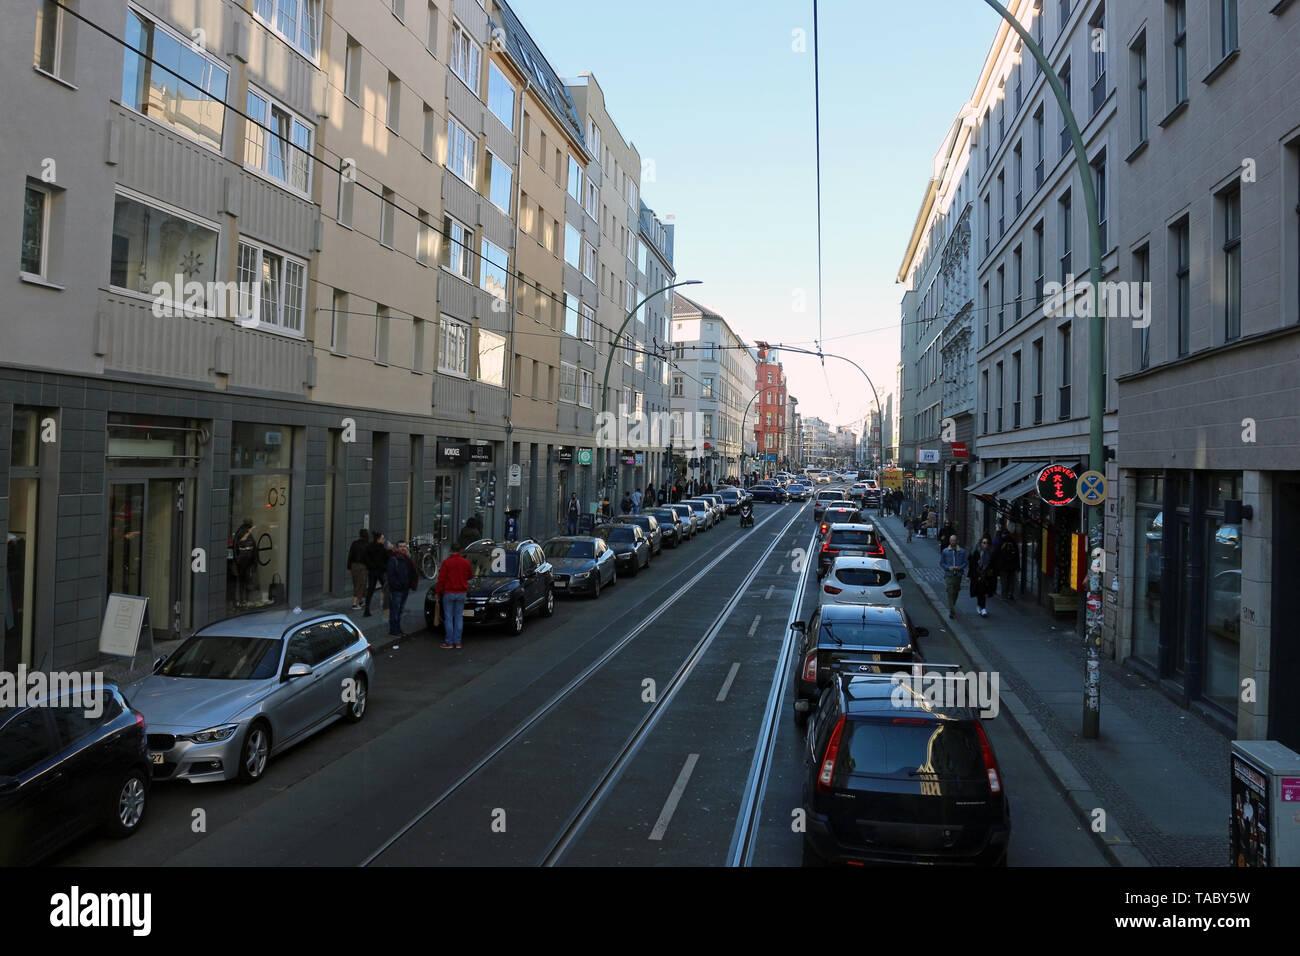 Durch die Straßen von Berlin. Berlin ist heute eine sehr coole und inspirierende Stadt. Seine Mischung aus Geschichte, Kunst, Ausdruck, Kreativität und Modernität. Stockbild